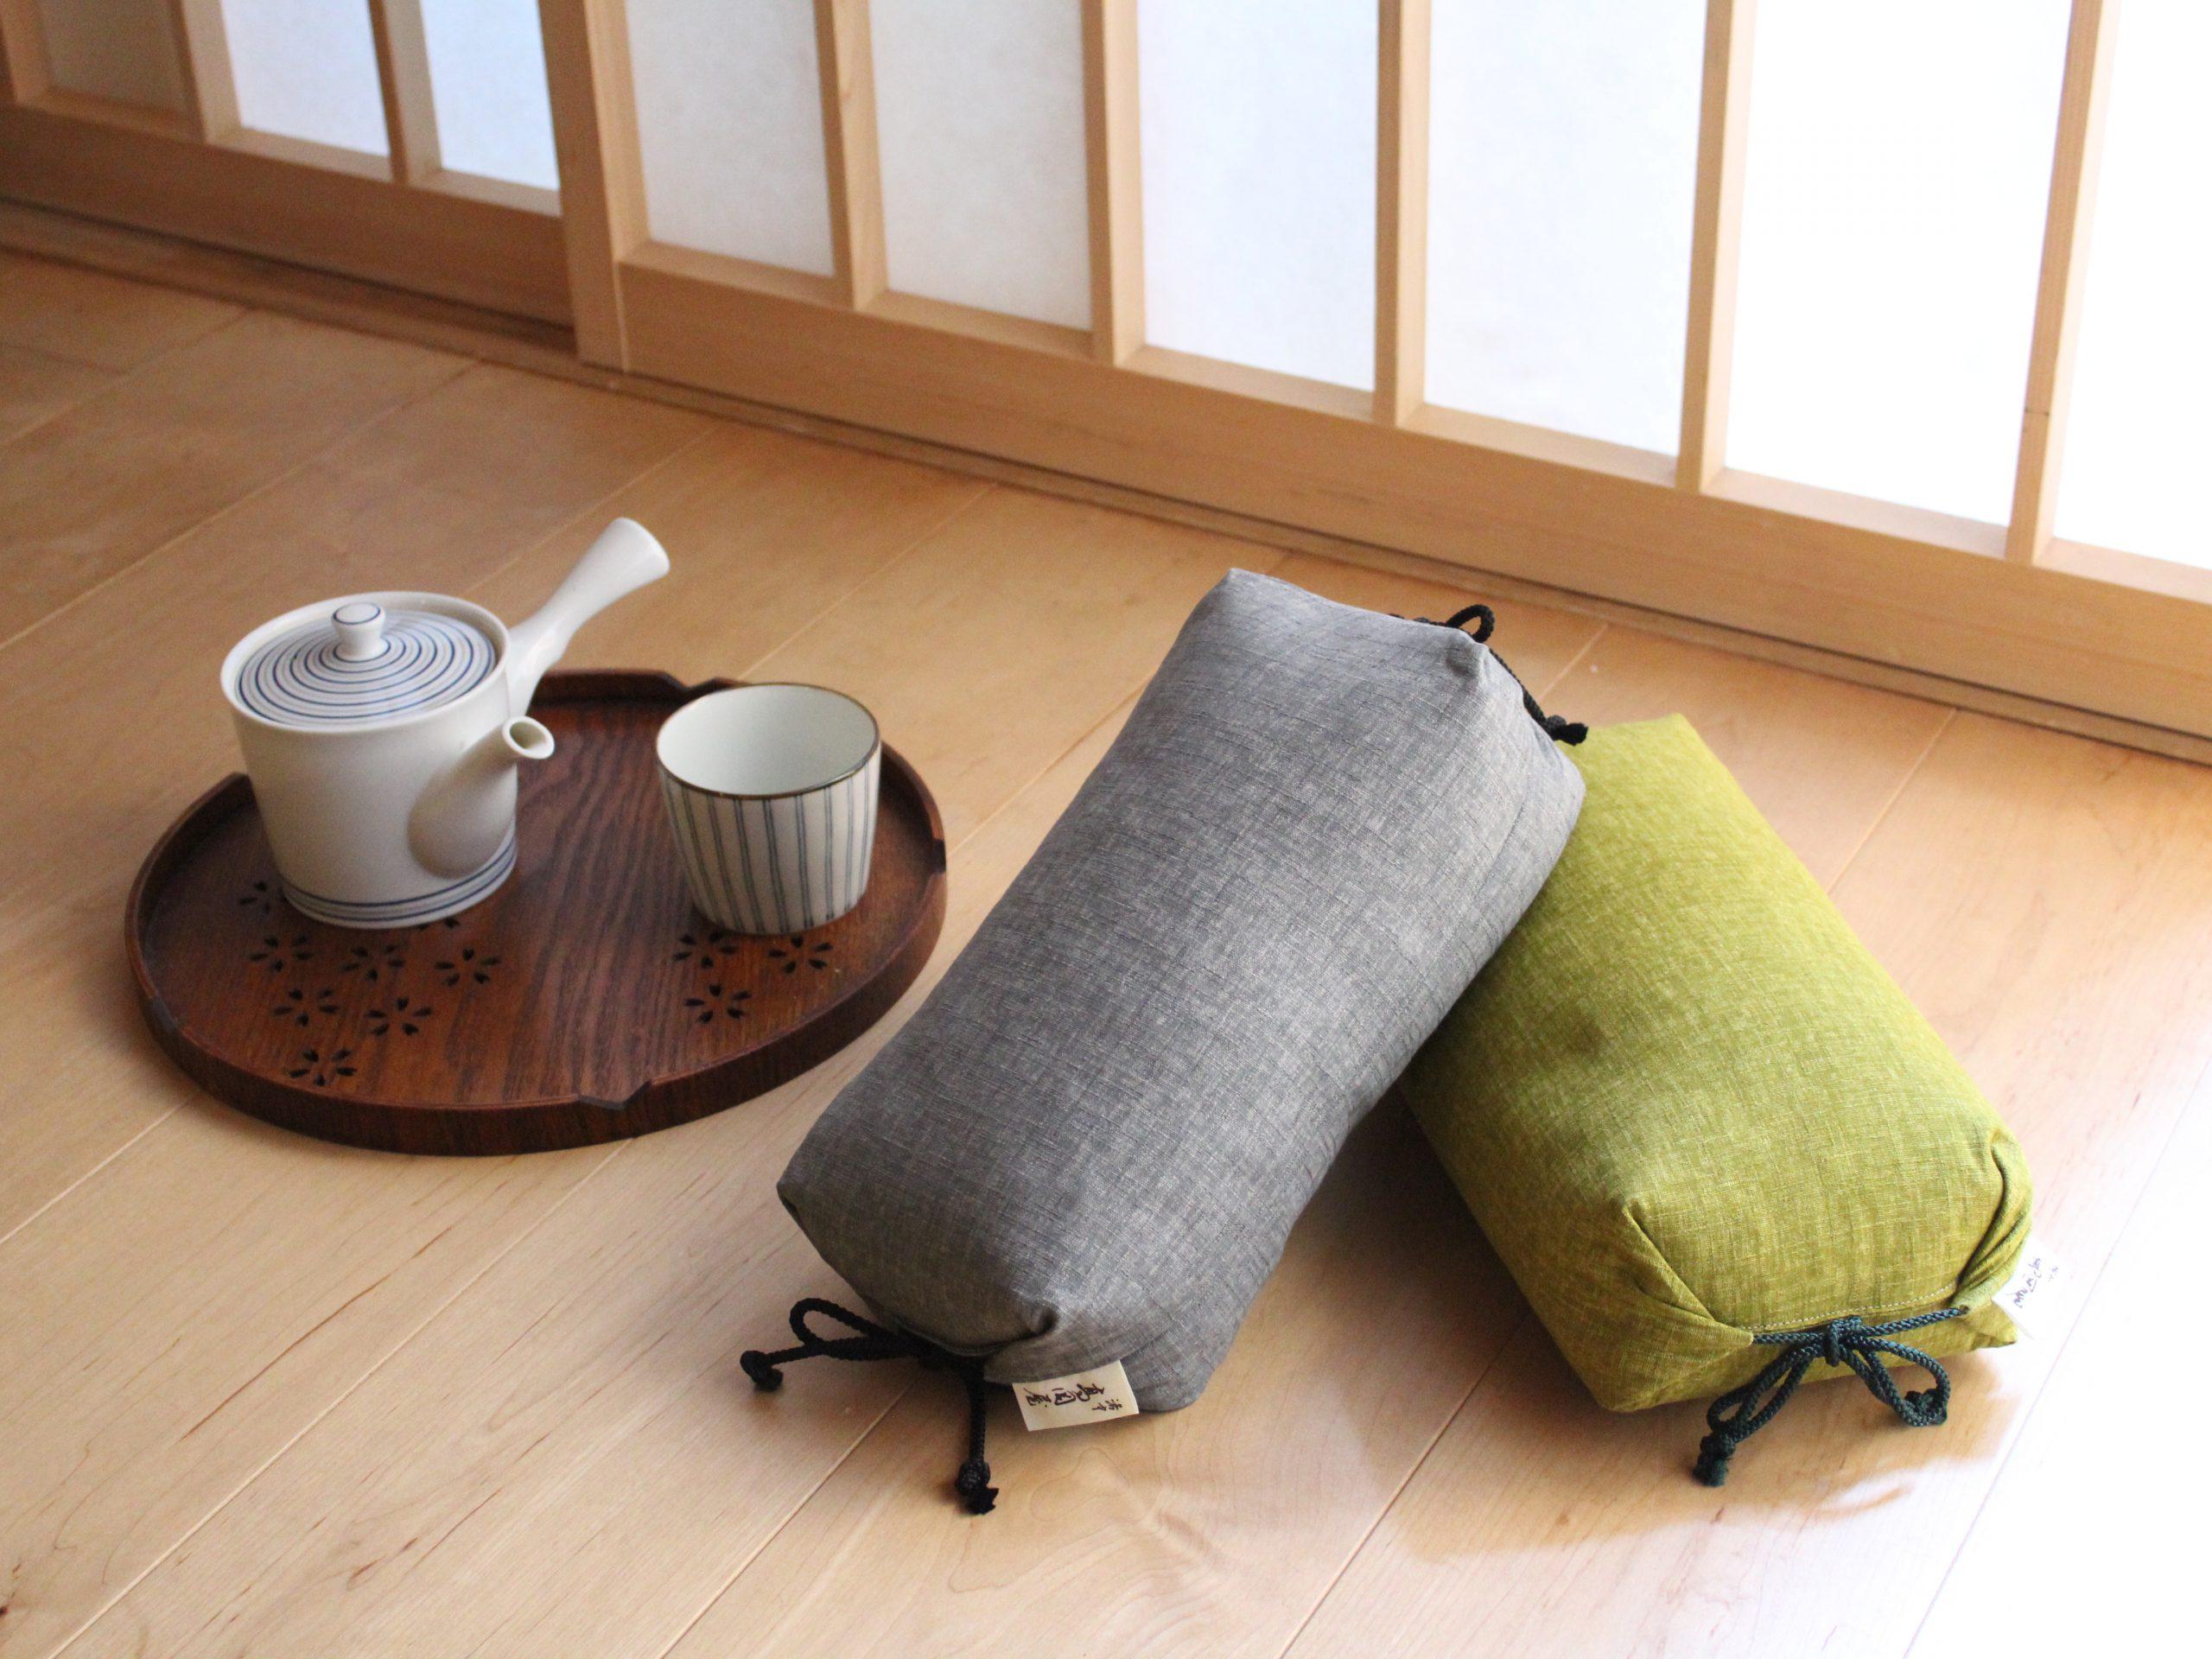 京都髙島屋6階 期間限定で一部商品を展開中です